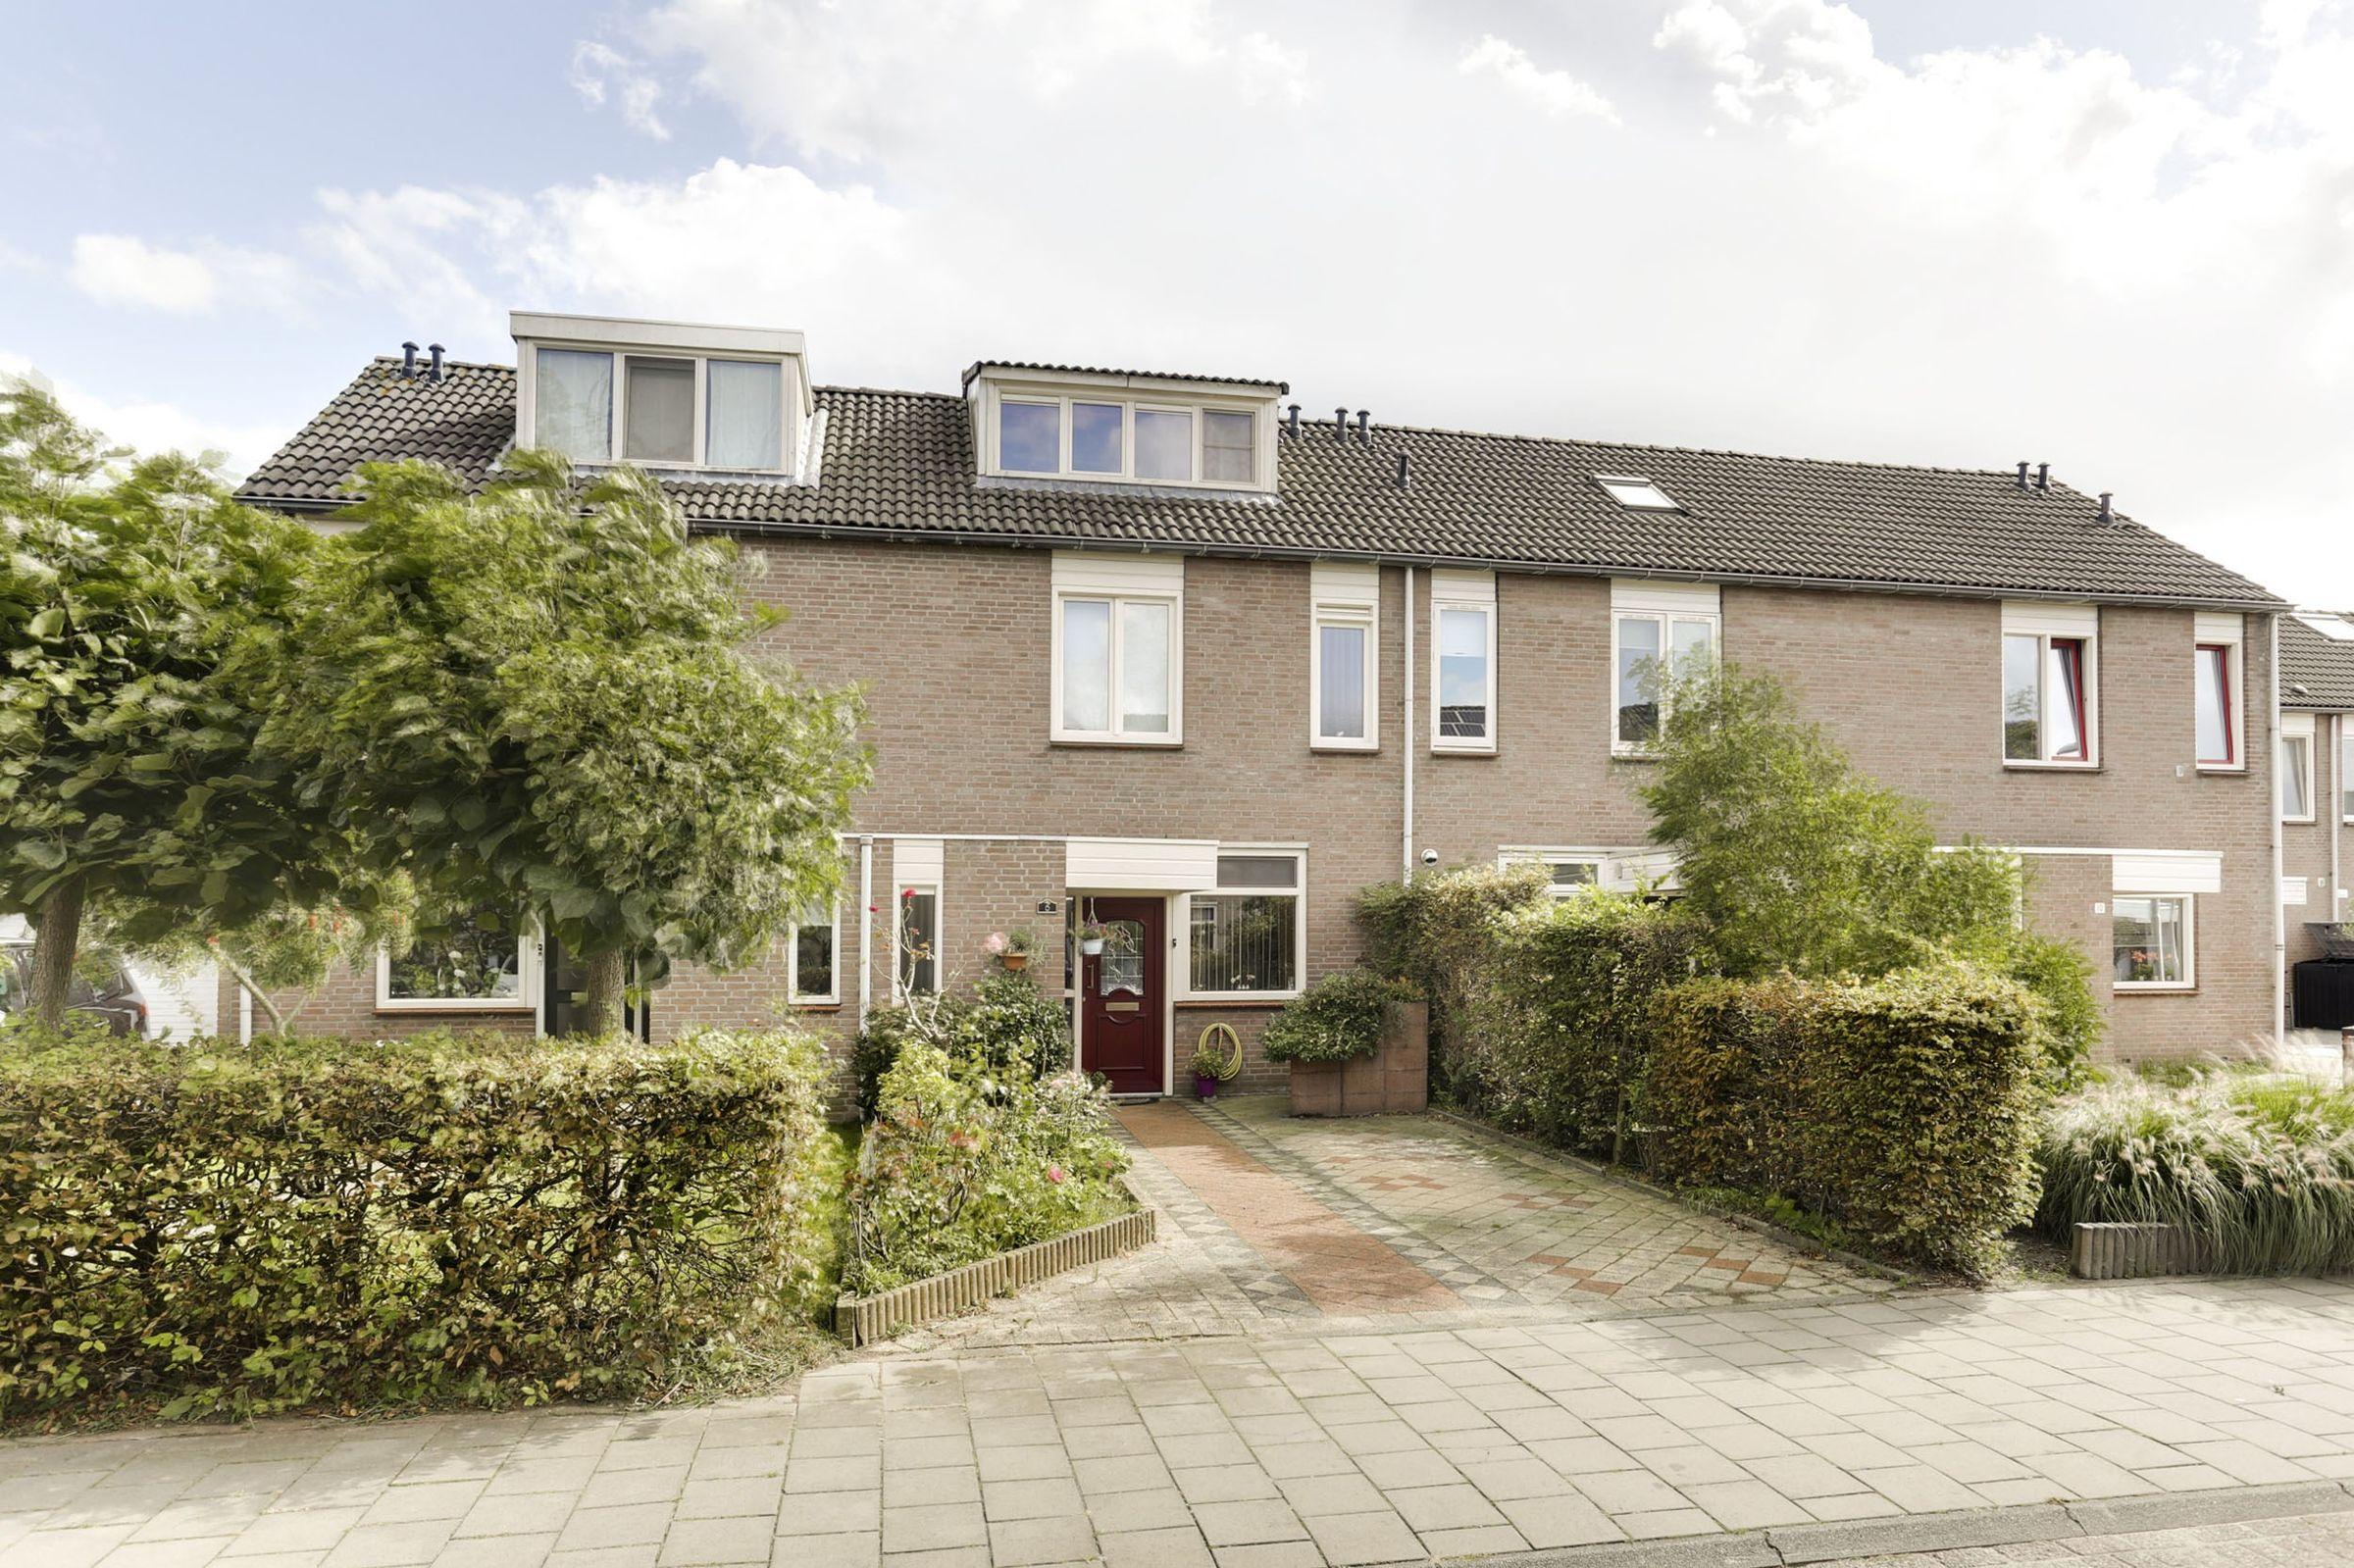 Beuningenstraat 6, Tilburg